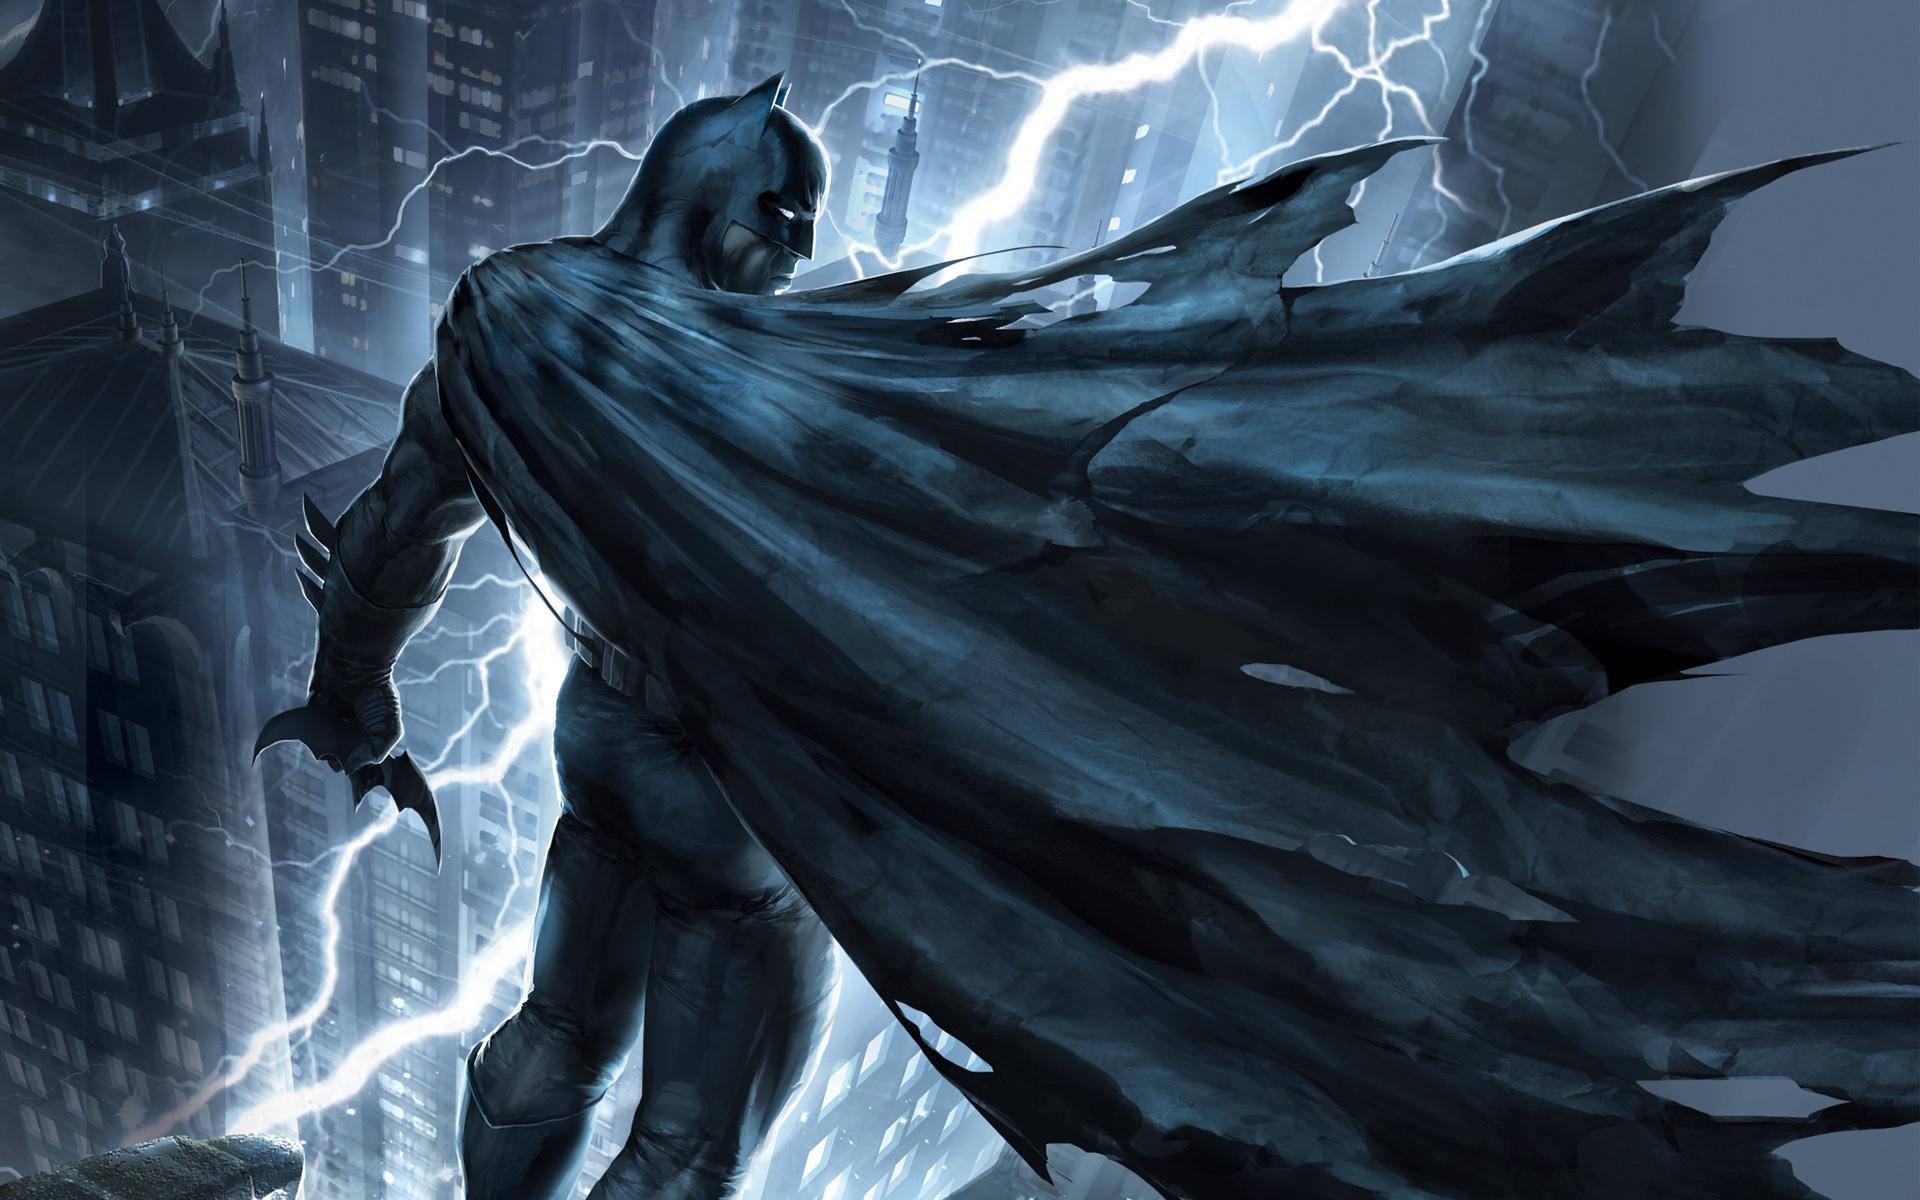 Batman The Dark Knight Returns HD Wallpapers 2013 1920x1200